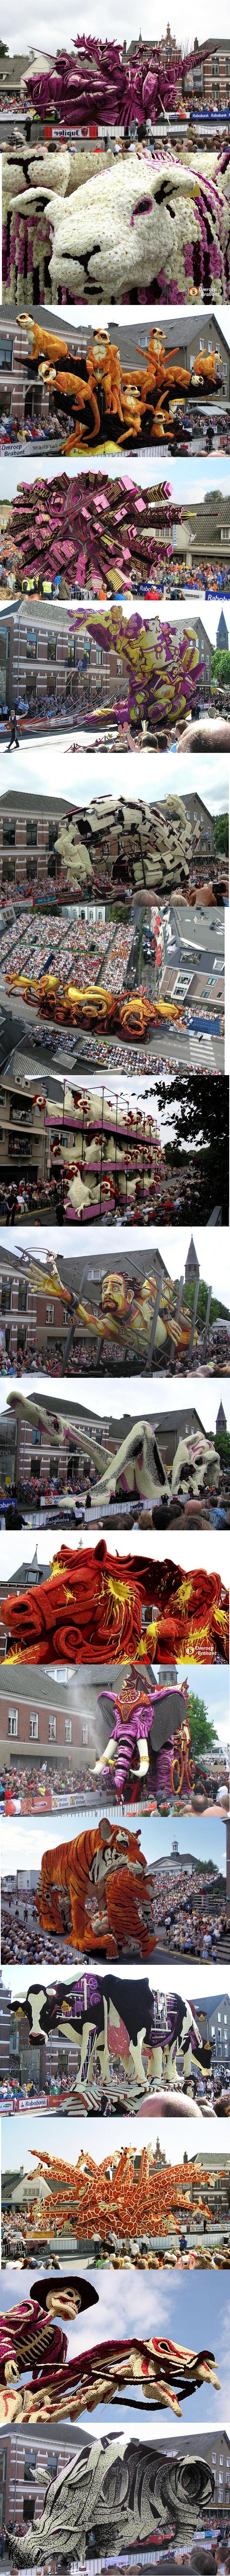 Flower Sculpture festival-Description. Huge Flower Sculpture Festival in the Netherlands..